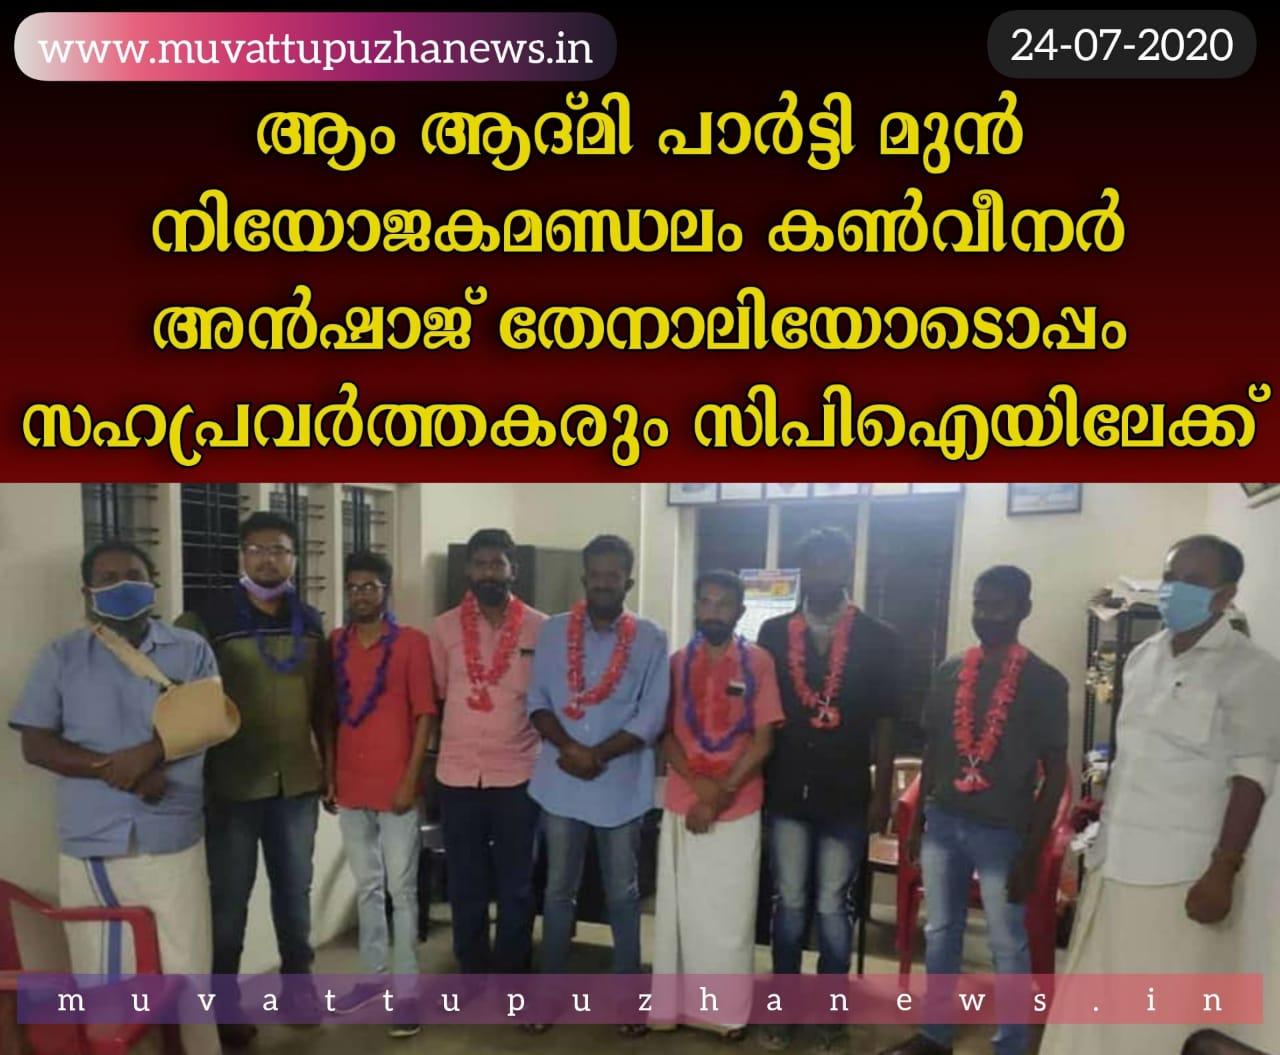 Photo of ആം ആദ്മി പാർട്ടി മുൻ നിയോജകമണ്ഡലം കൺവീനർ അൻഷാജ് തേനാലിയോടൊപ്പം സഹപ്രവർത്തകരും സിപിഐയിലേക്ക്..